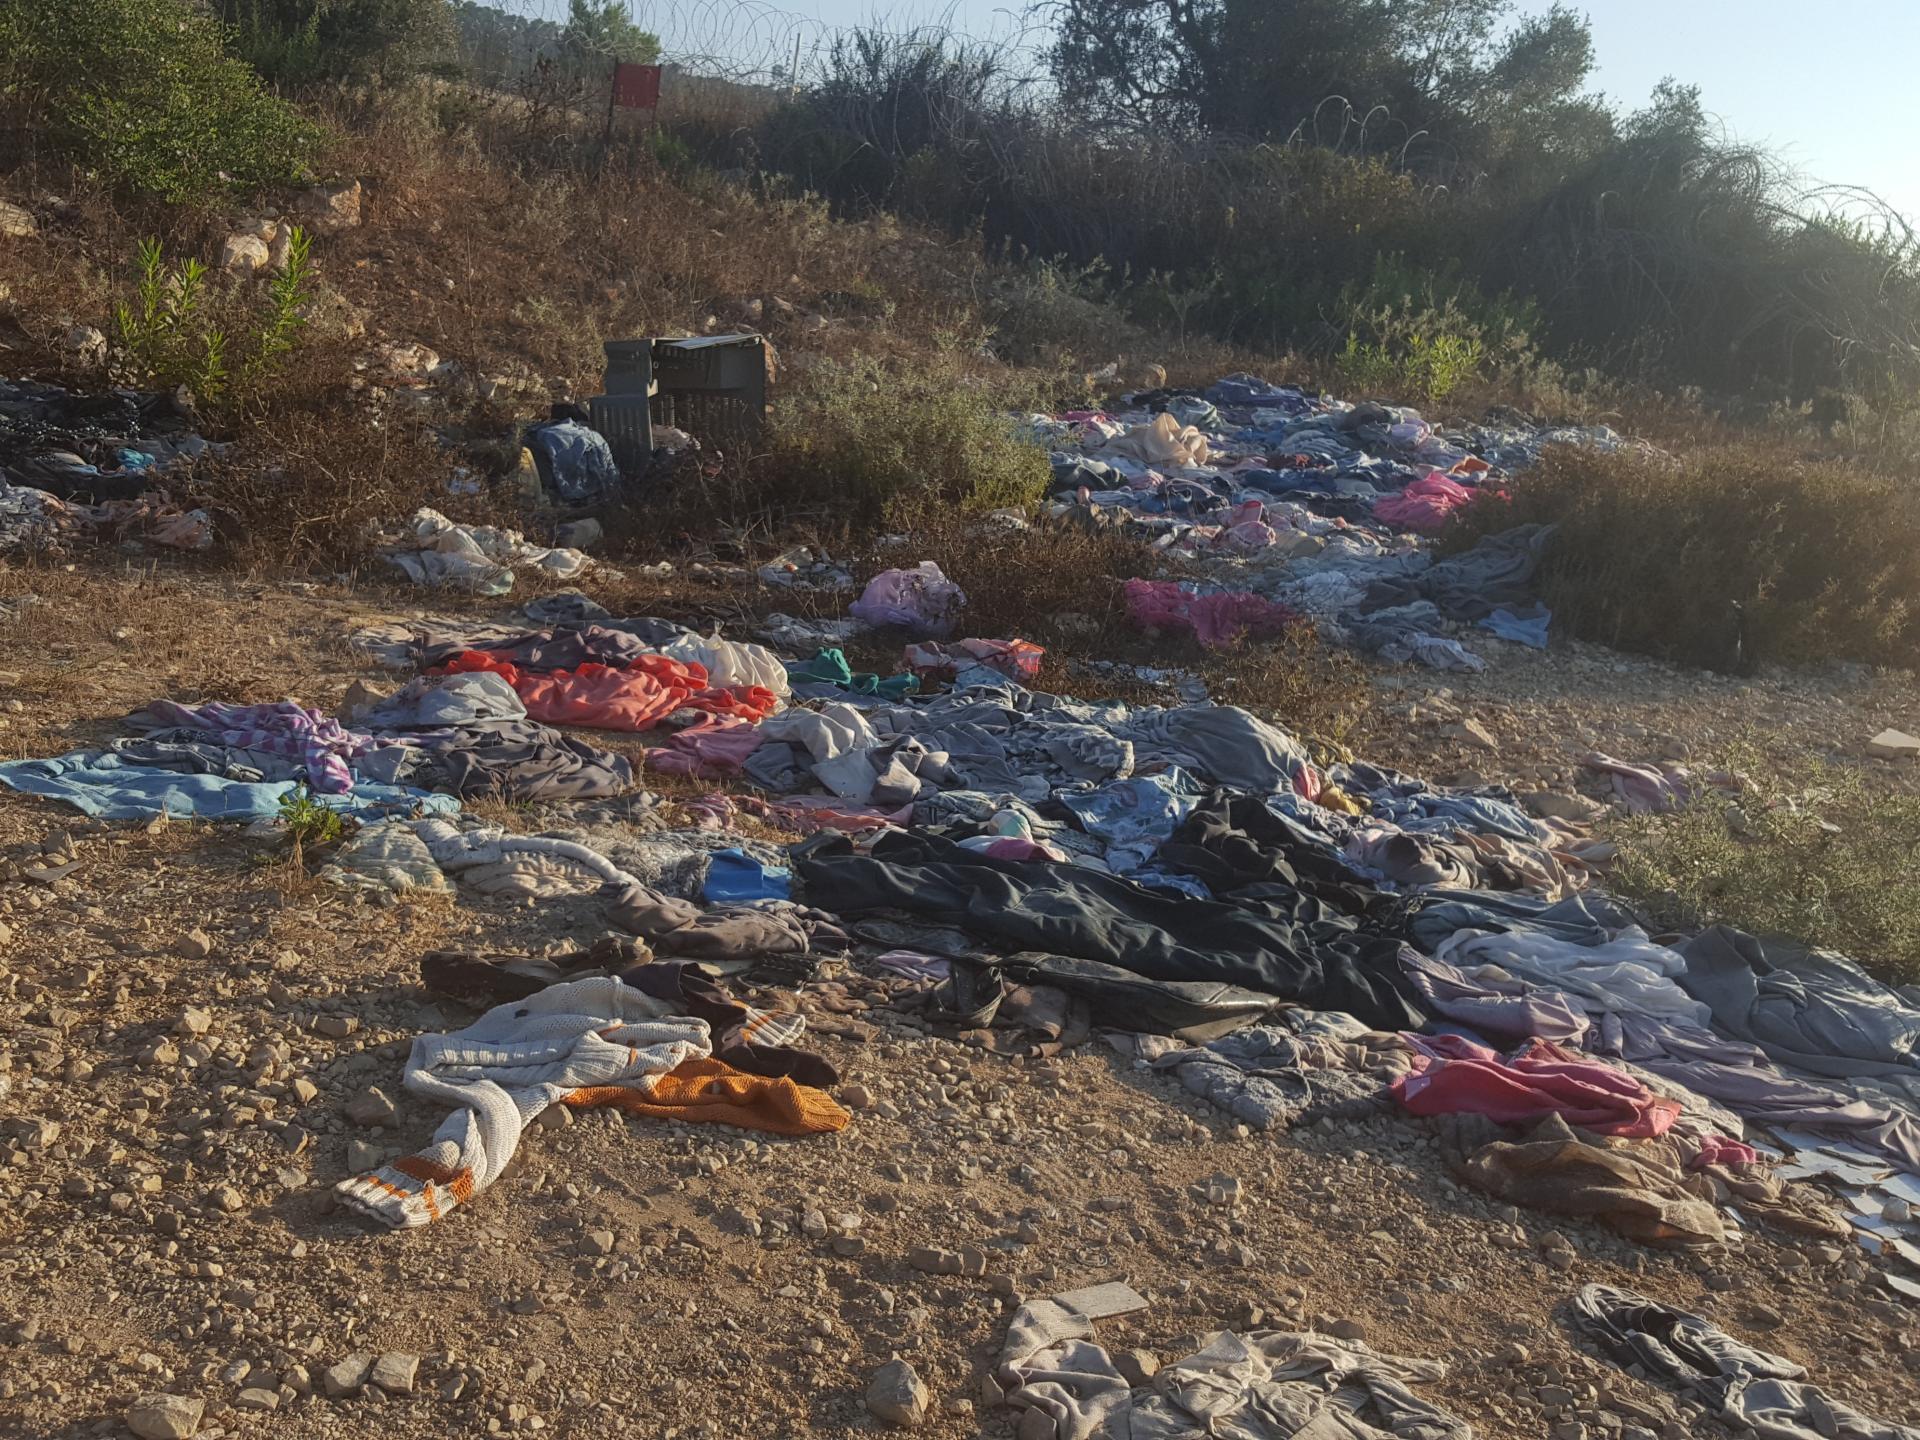 מחסום עאנין 11.7.18 - בגדים (שמסרנו לאנשים) והושלכו למטע הזיתים קרוב למחסום